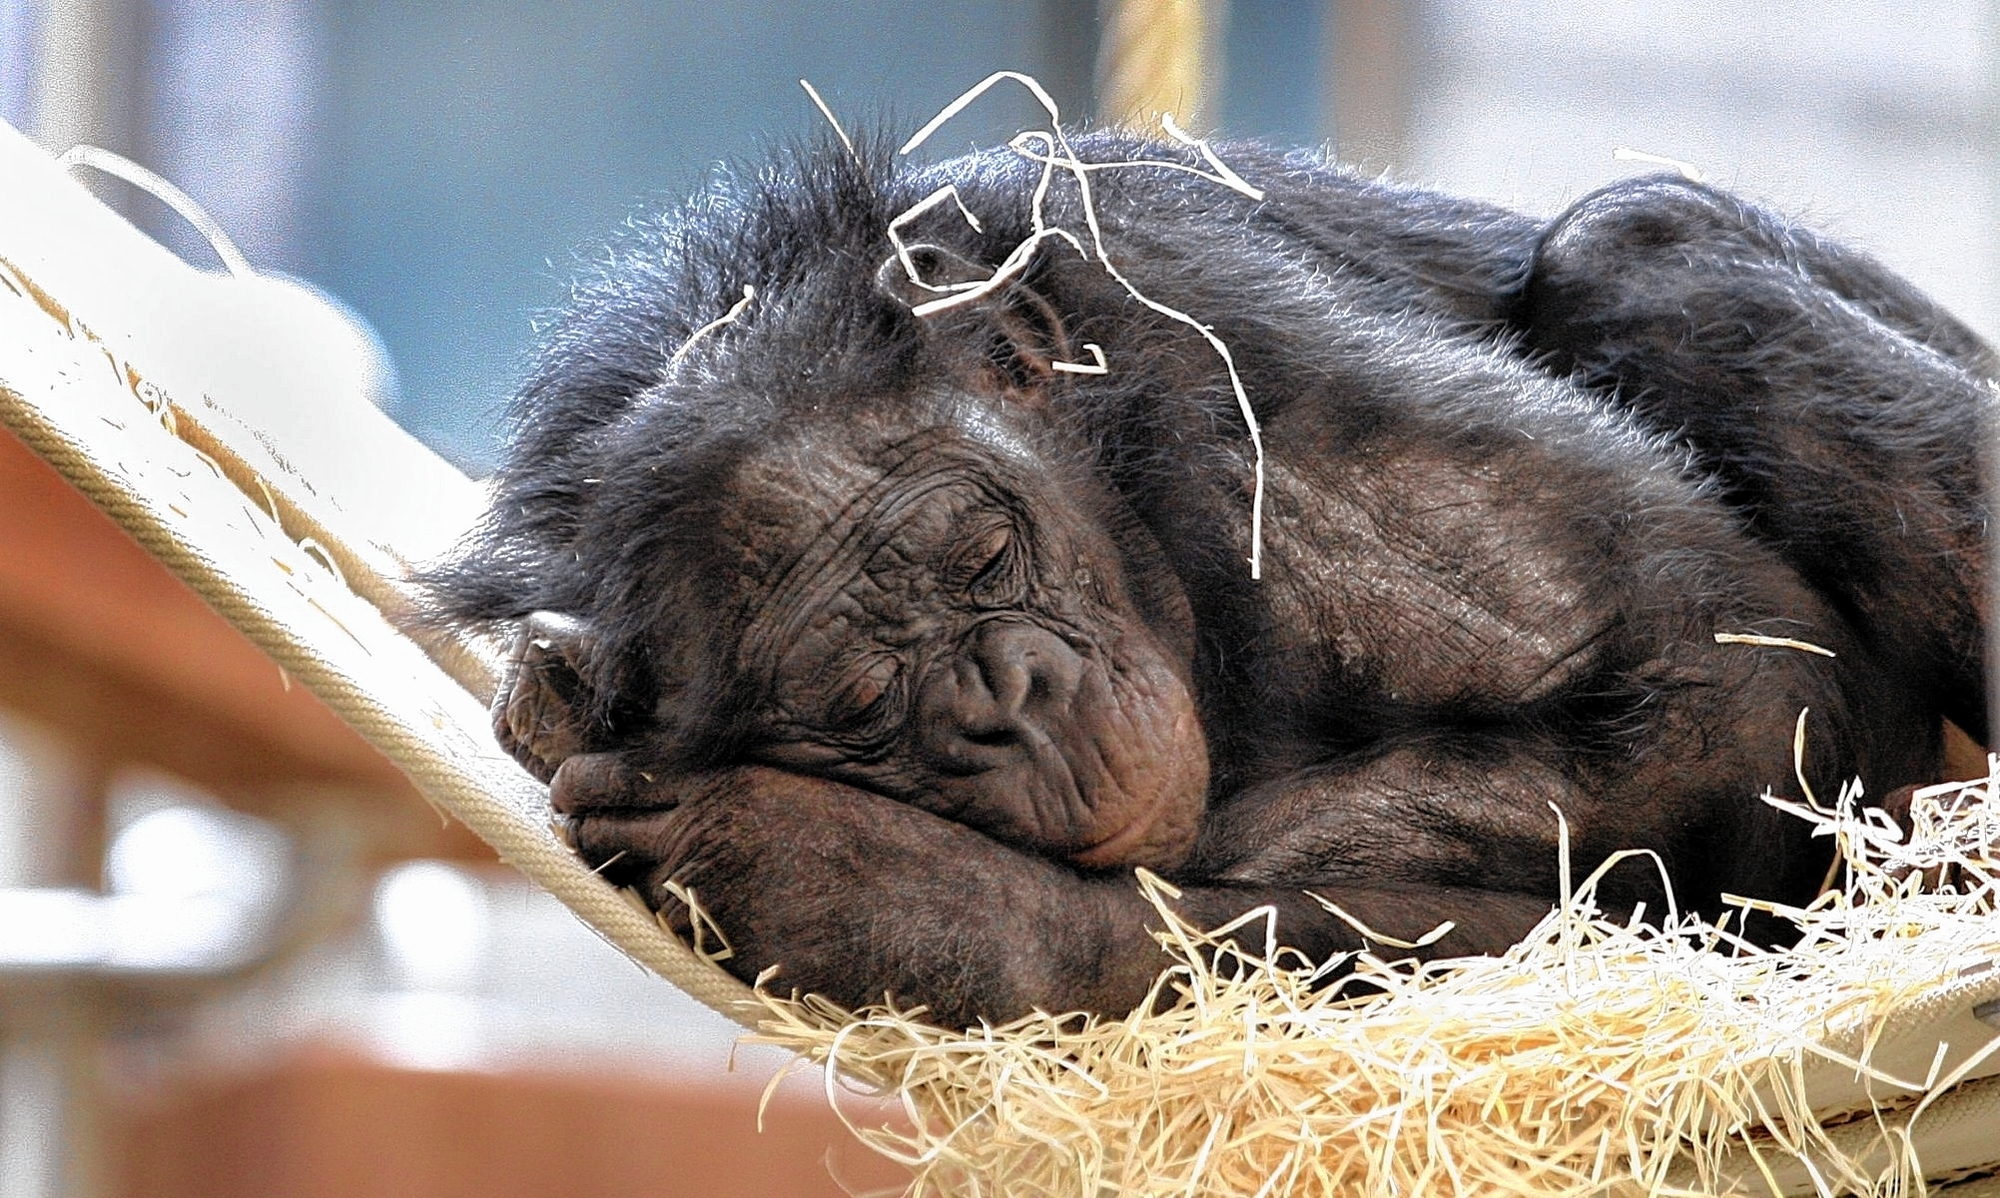 sch ner wohnen f r bonobos s dwest nachrichten morgenweb. Black Bedroom Furniture Sets. Home Design Ideas